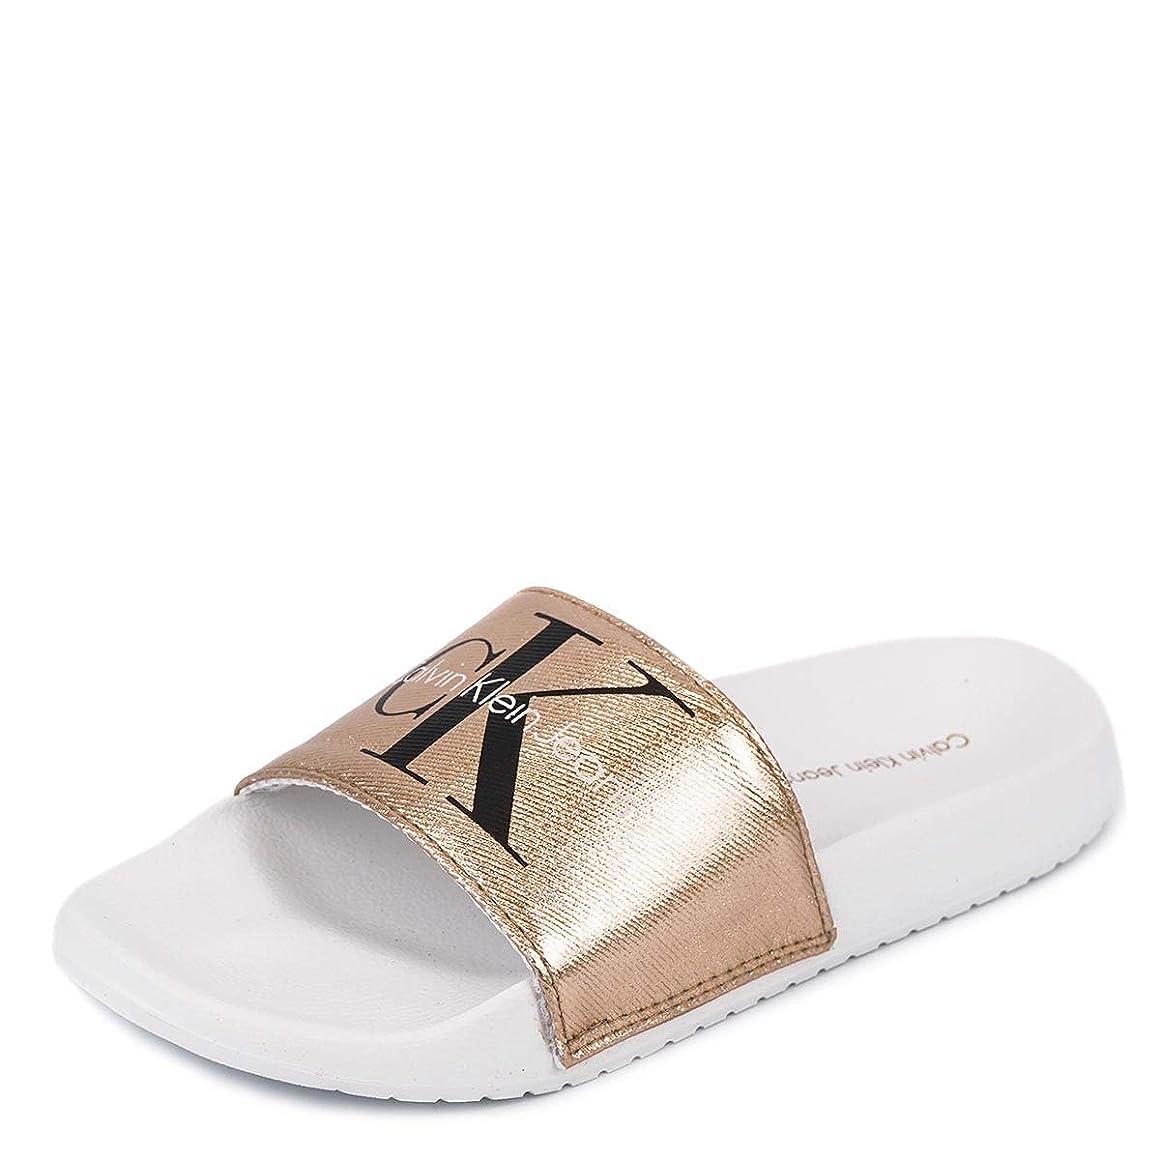 動かないプロフェッショナルハーネス[カルバンクライン ジーンズ]Calvin Klein Jeans 34R3654 CHANTAL METAL CANVAS SANDALS ROSE GOLD/WHITE size6 [並行輸入品]